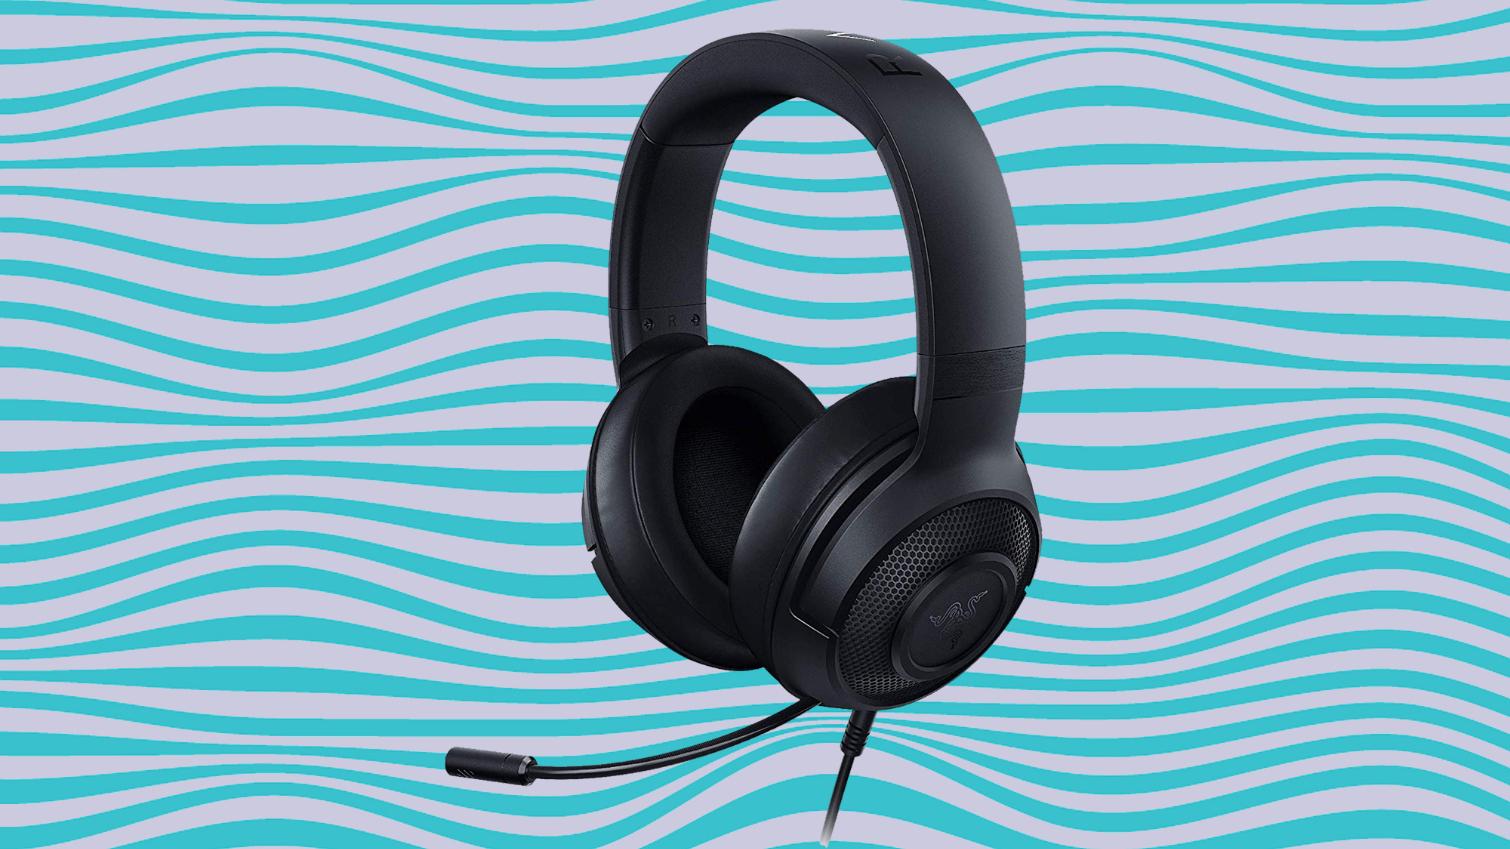 Best headsets for PS5: Razer Kraken X